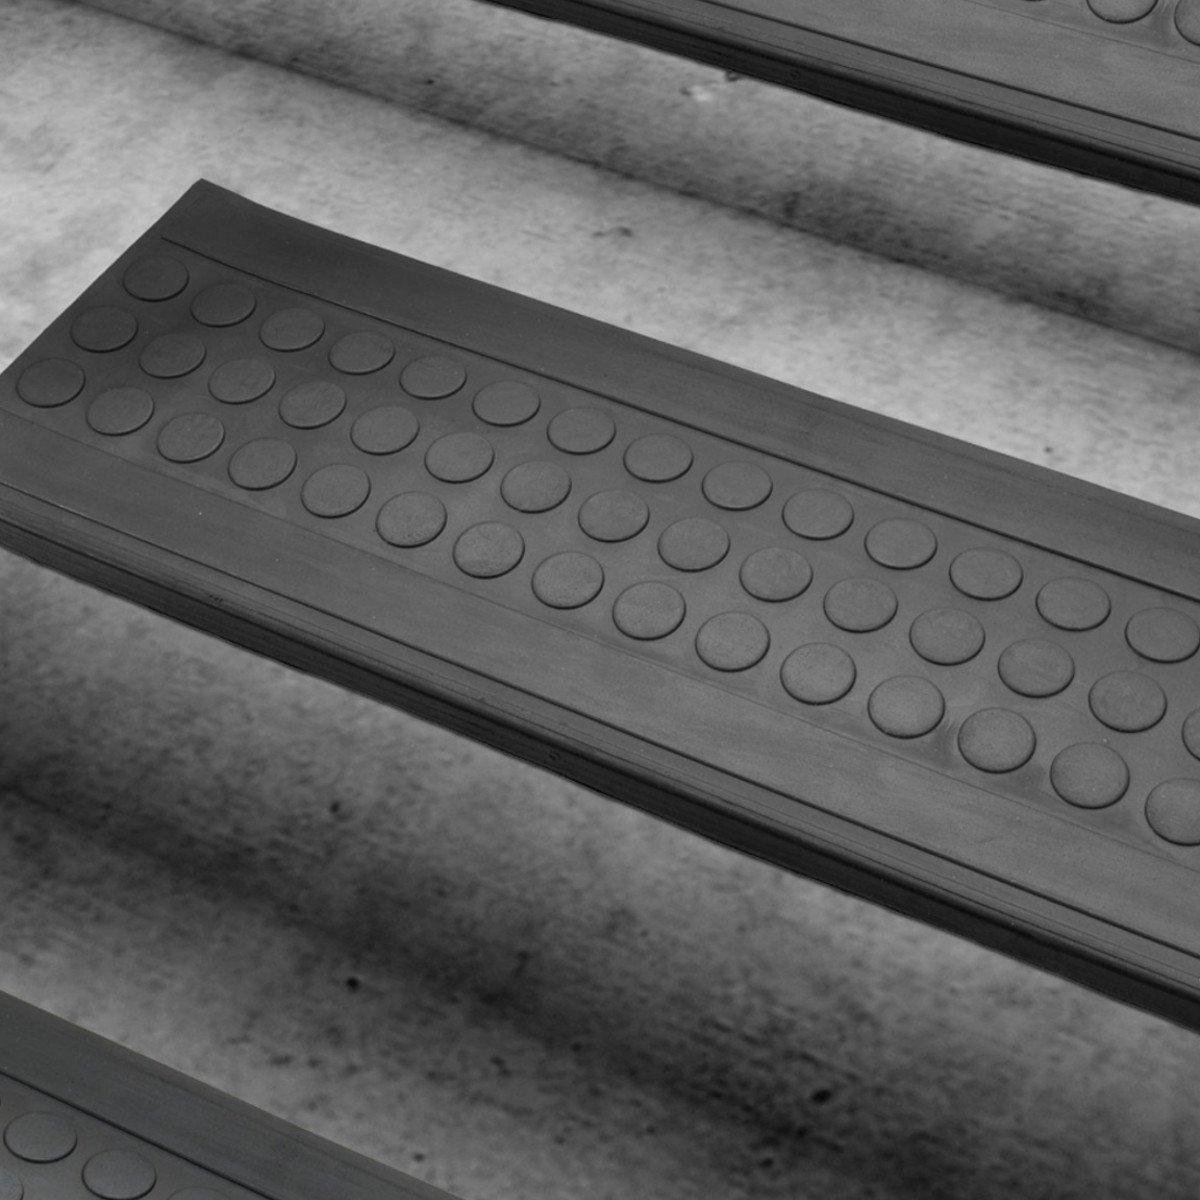 set de marchettes descalier casa pura antidrapantes en caoutchouc noir autocollantes et rsistantes usage lintrieur et extrieur 25x75cm 10 - Antiderapant Escalier Exterieur